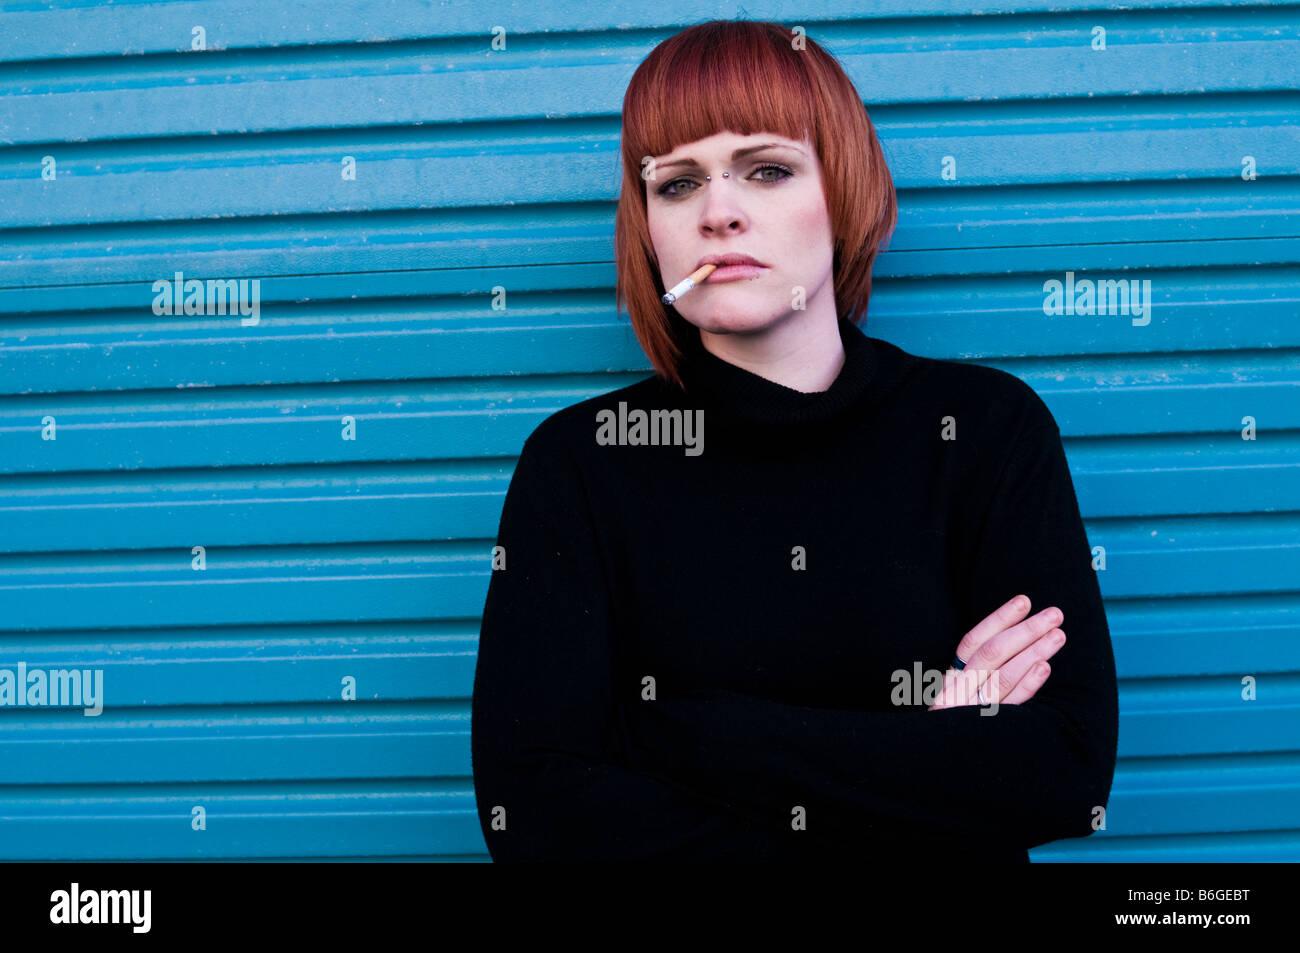 Junge rote kurzhaarige Mädchen Frau mit einer Zigarette im Mund Arme gekreuzt vor blauen Garagentore, außerhalb, Stockbild